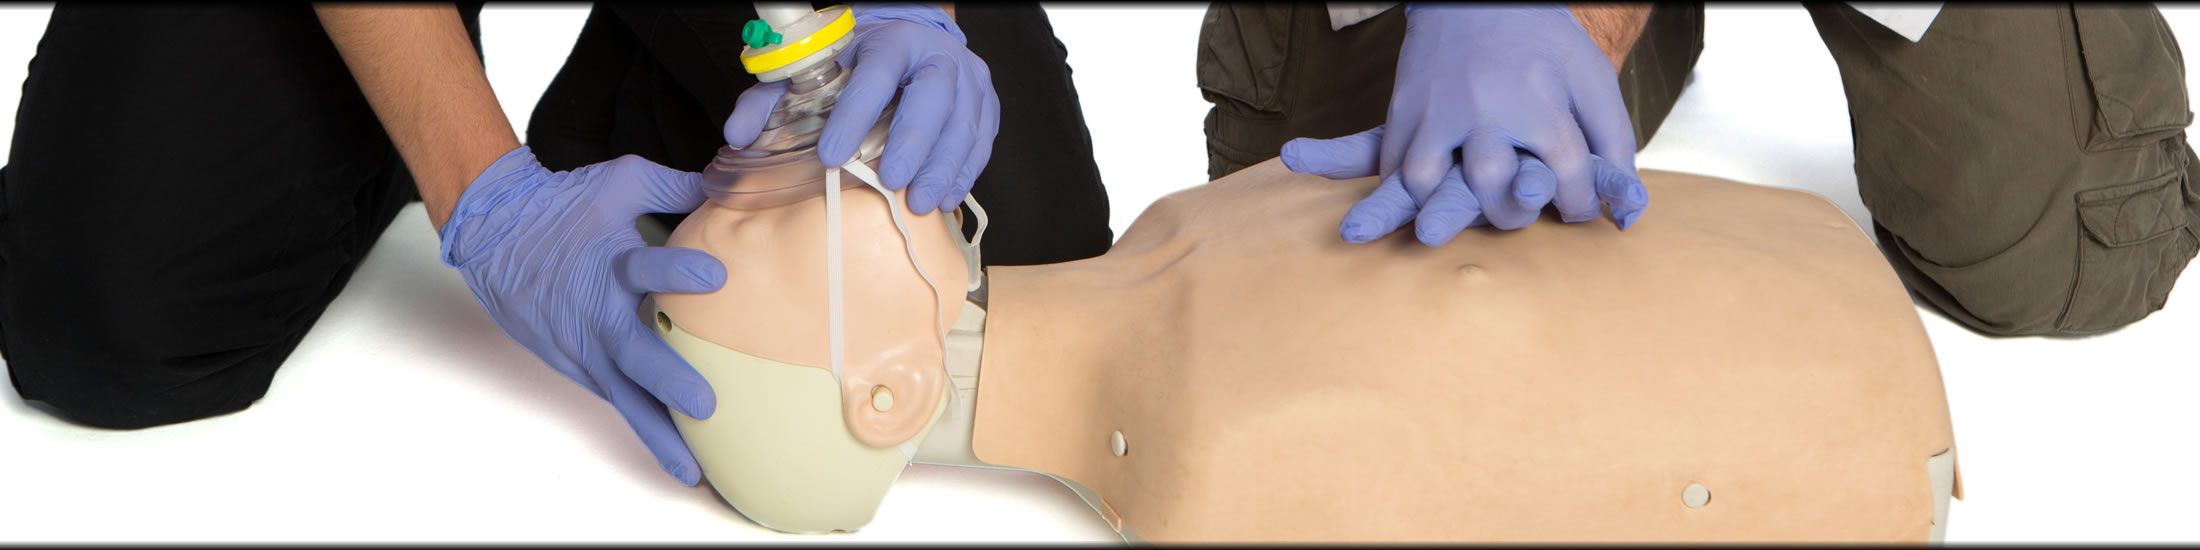 Renew CPR Online